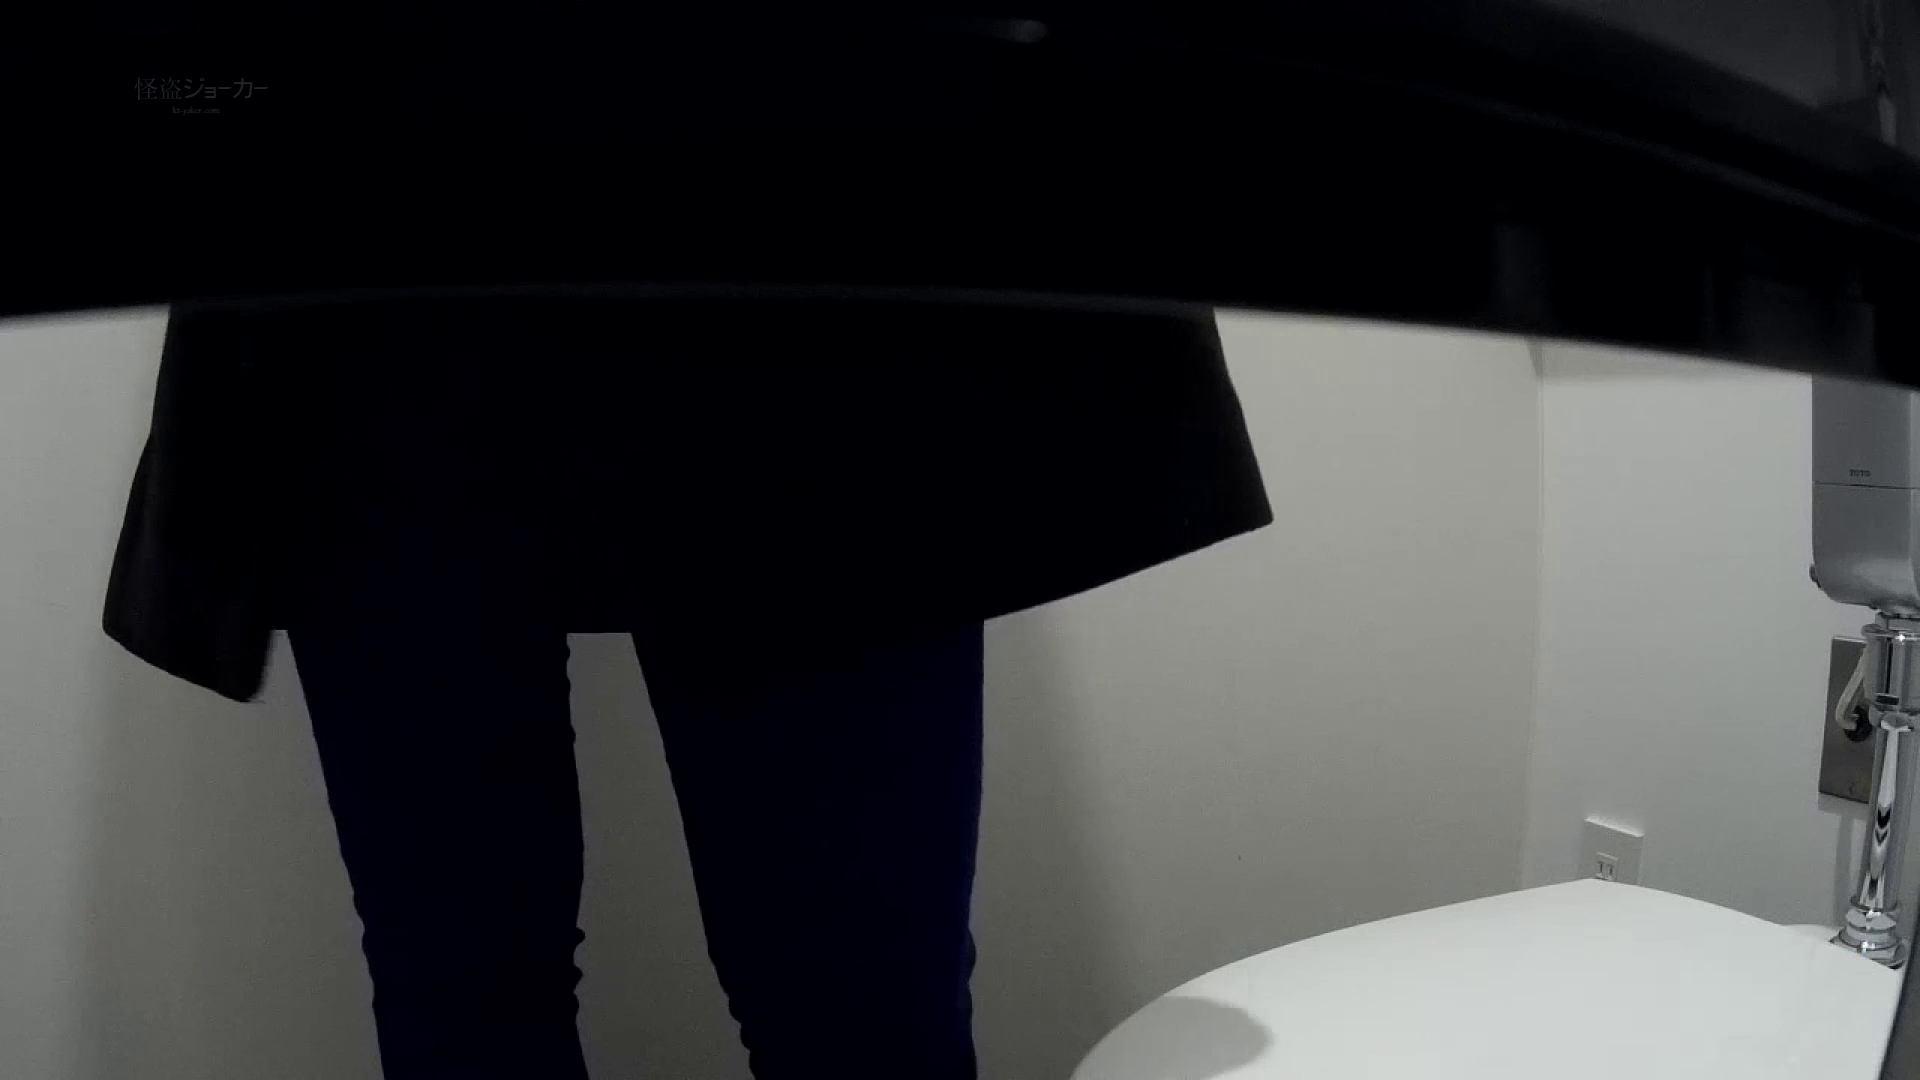 有名大学女性洗面所 vol.56 集まれもこもこ冬服美女!! 排泄 セックス画像 104PIX 55